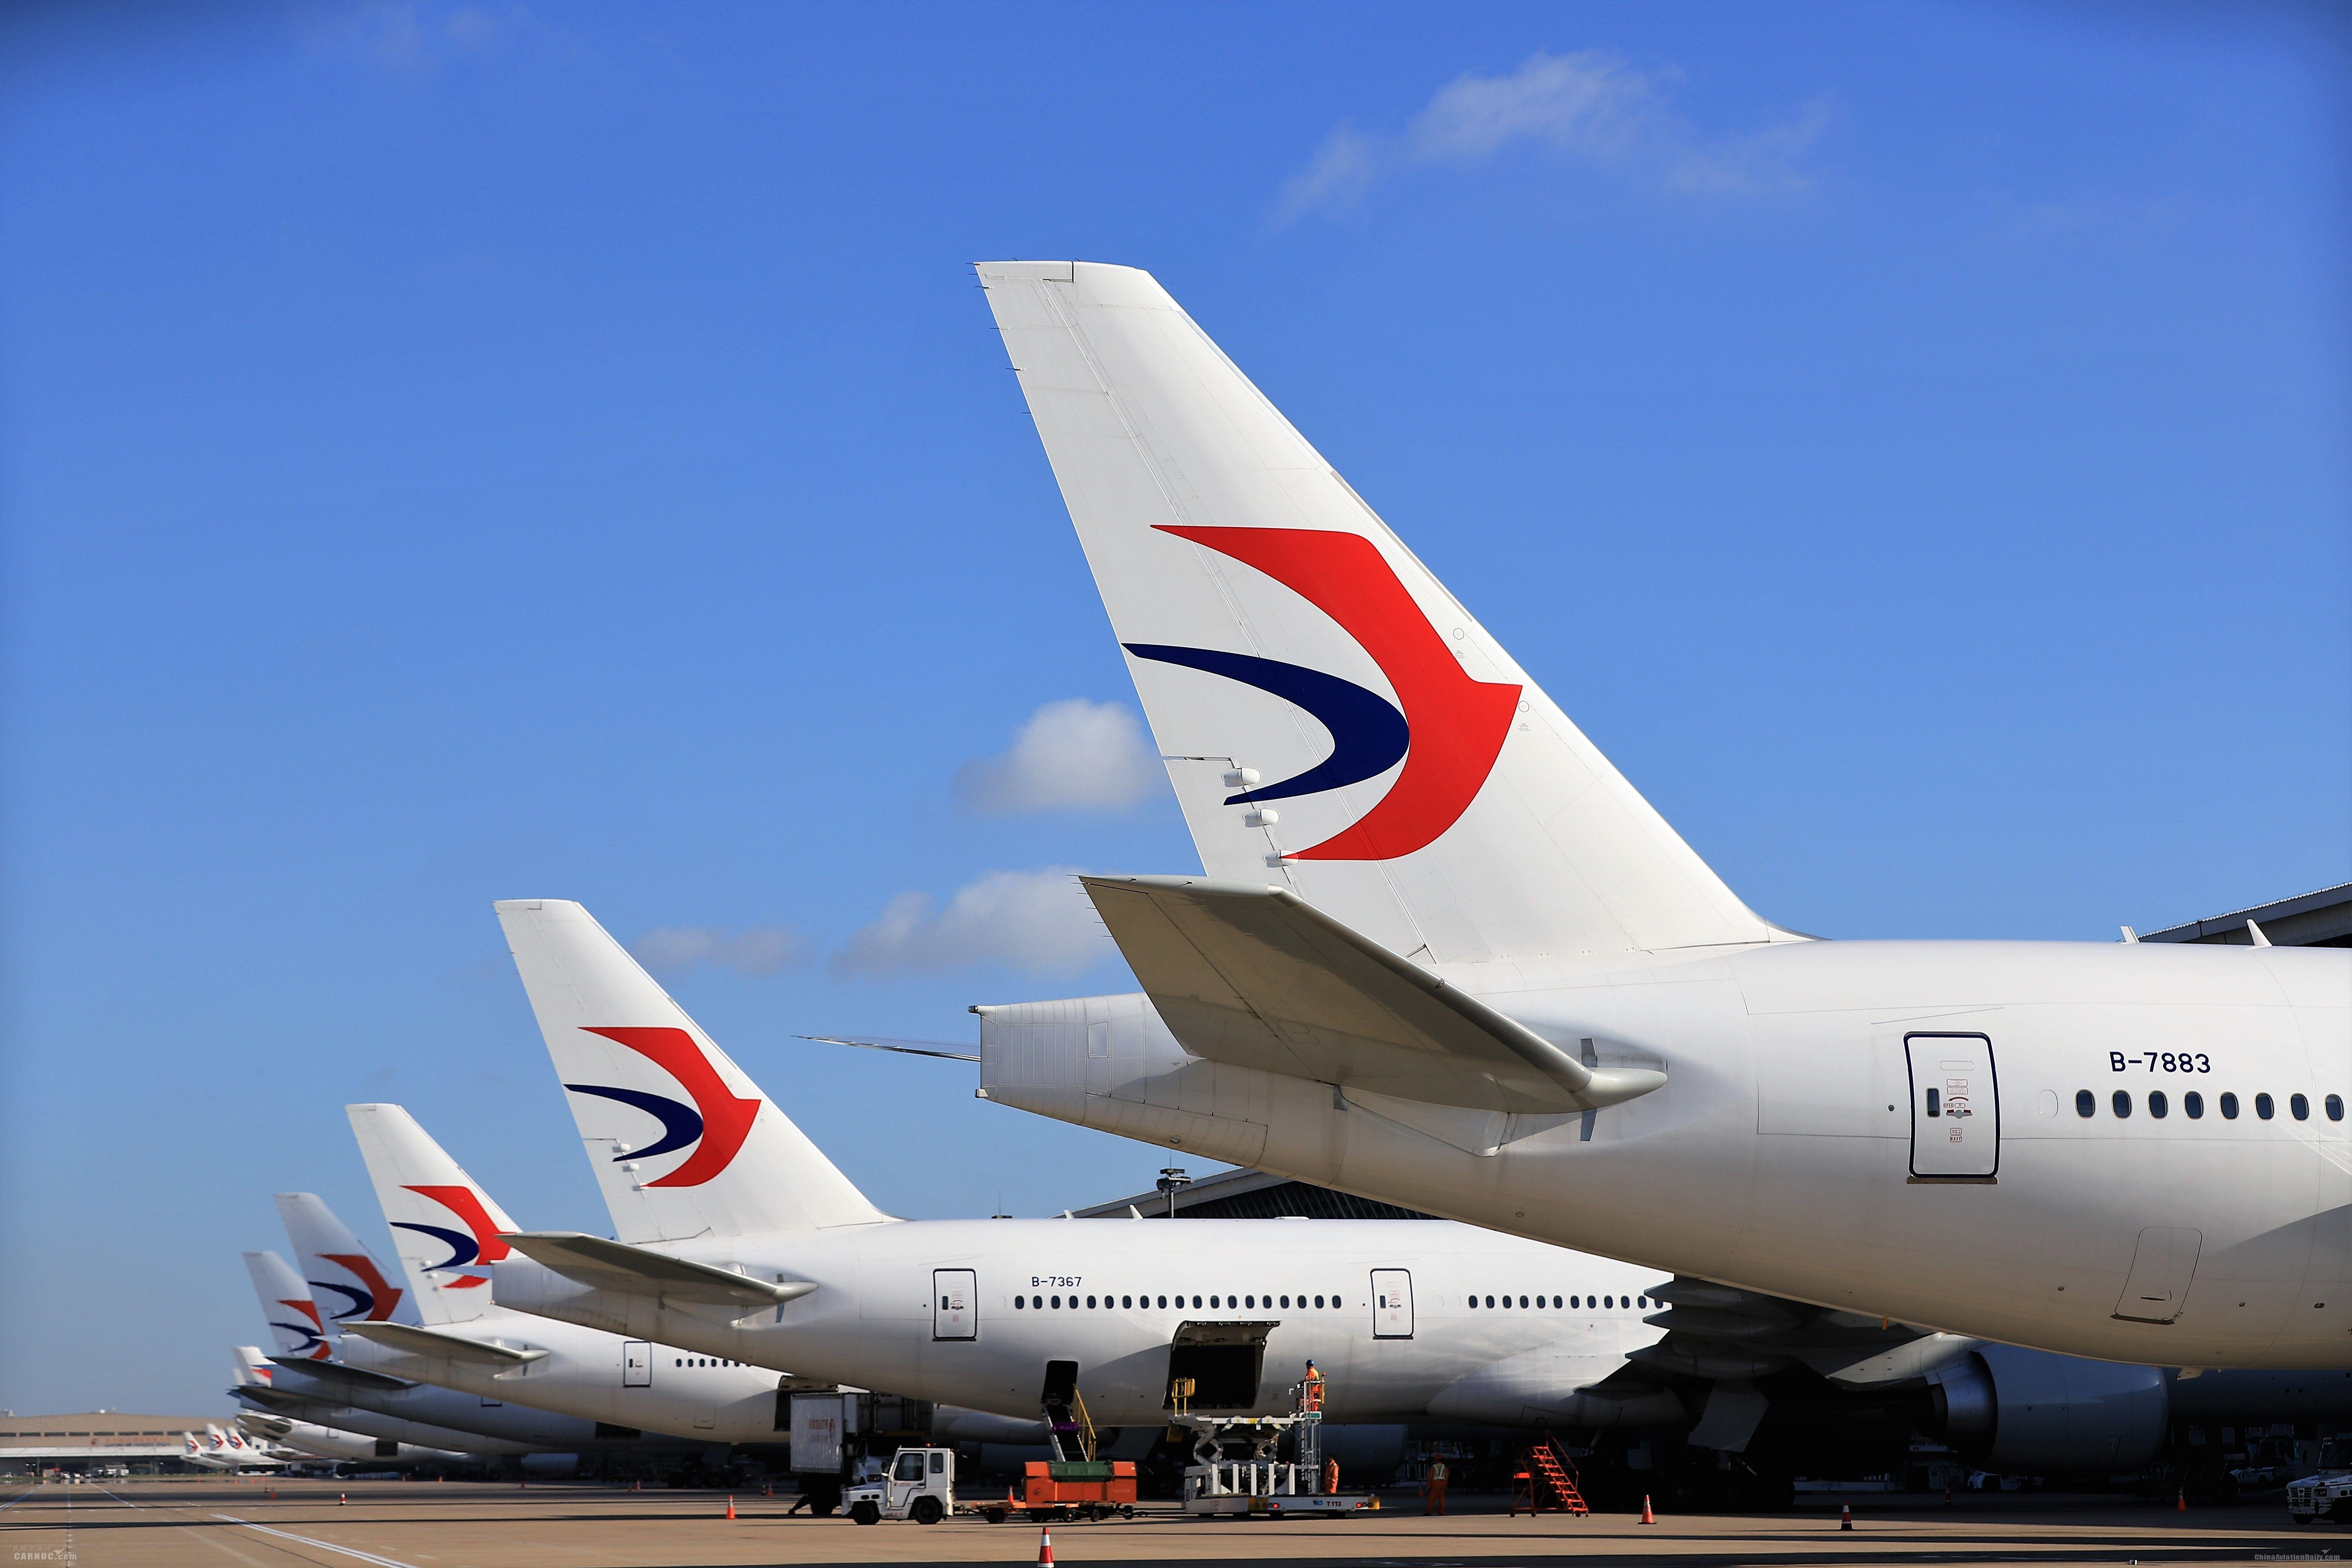 新航季 东航西北分公司新开多条航线满足旅客需求